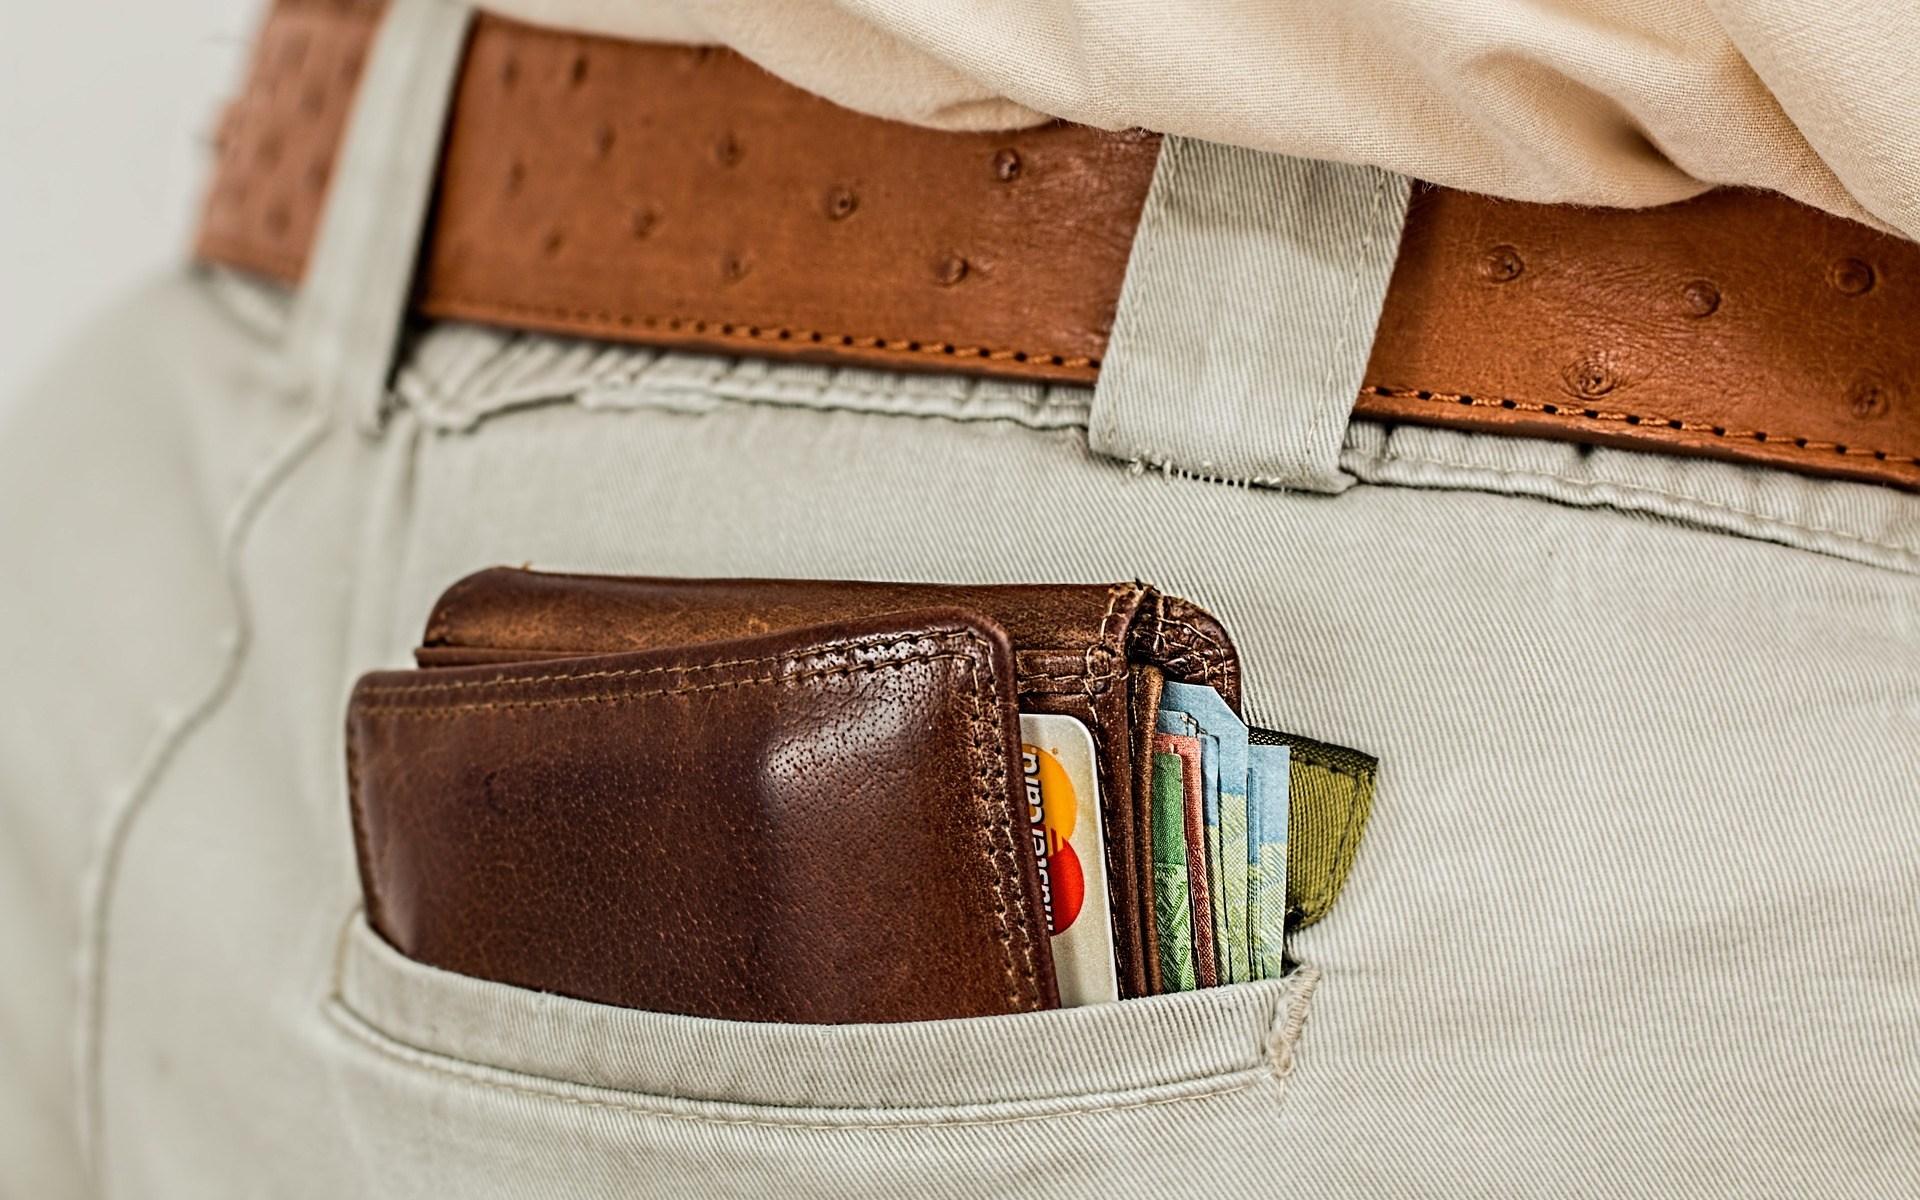 Kassensystem mit Ausgabenerfassung